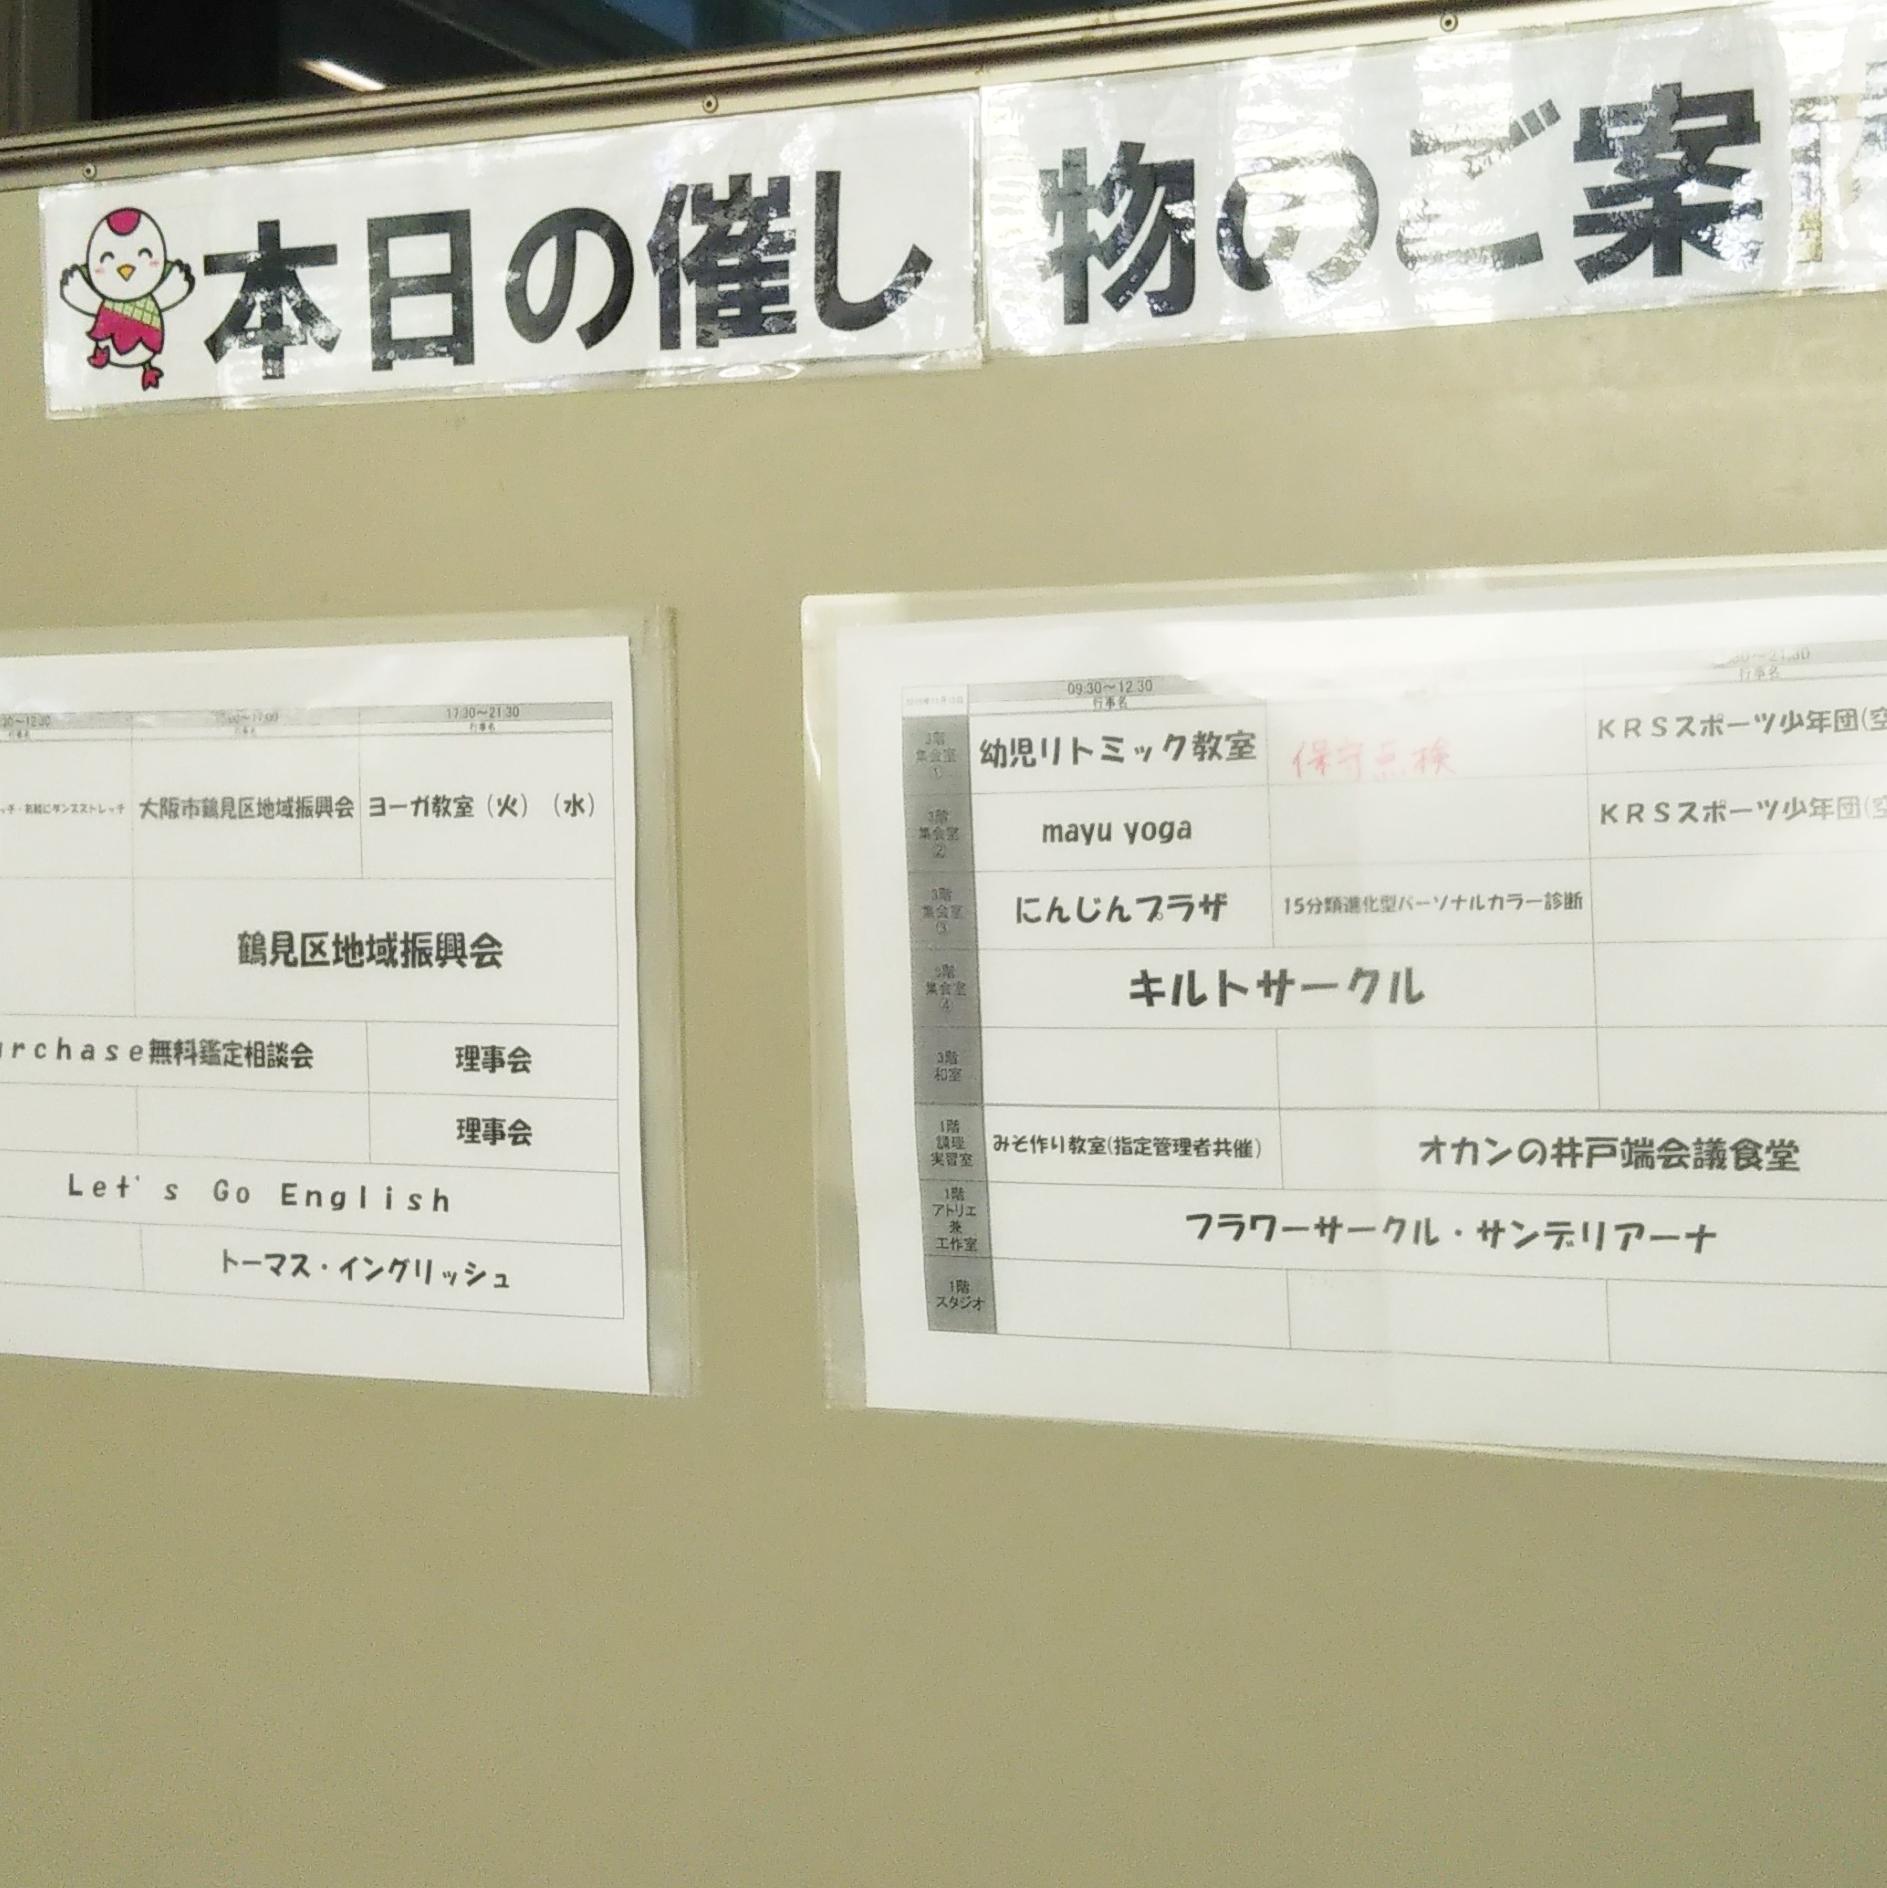 鶴見区民センター掲示板